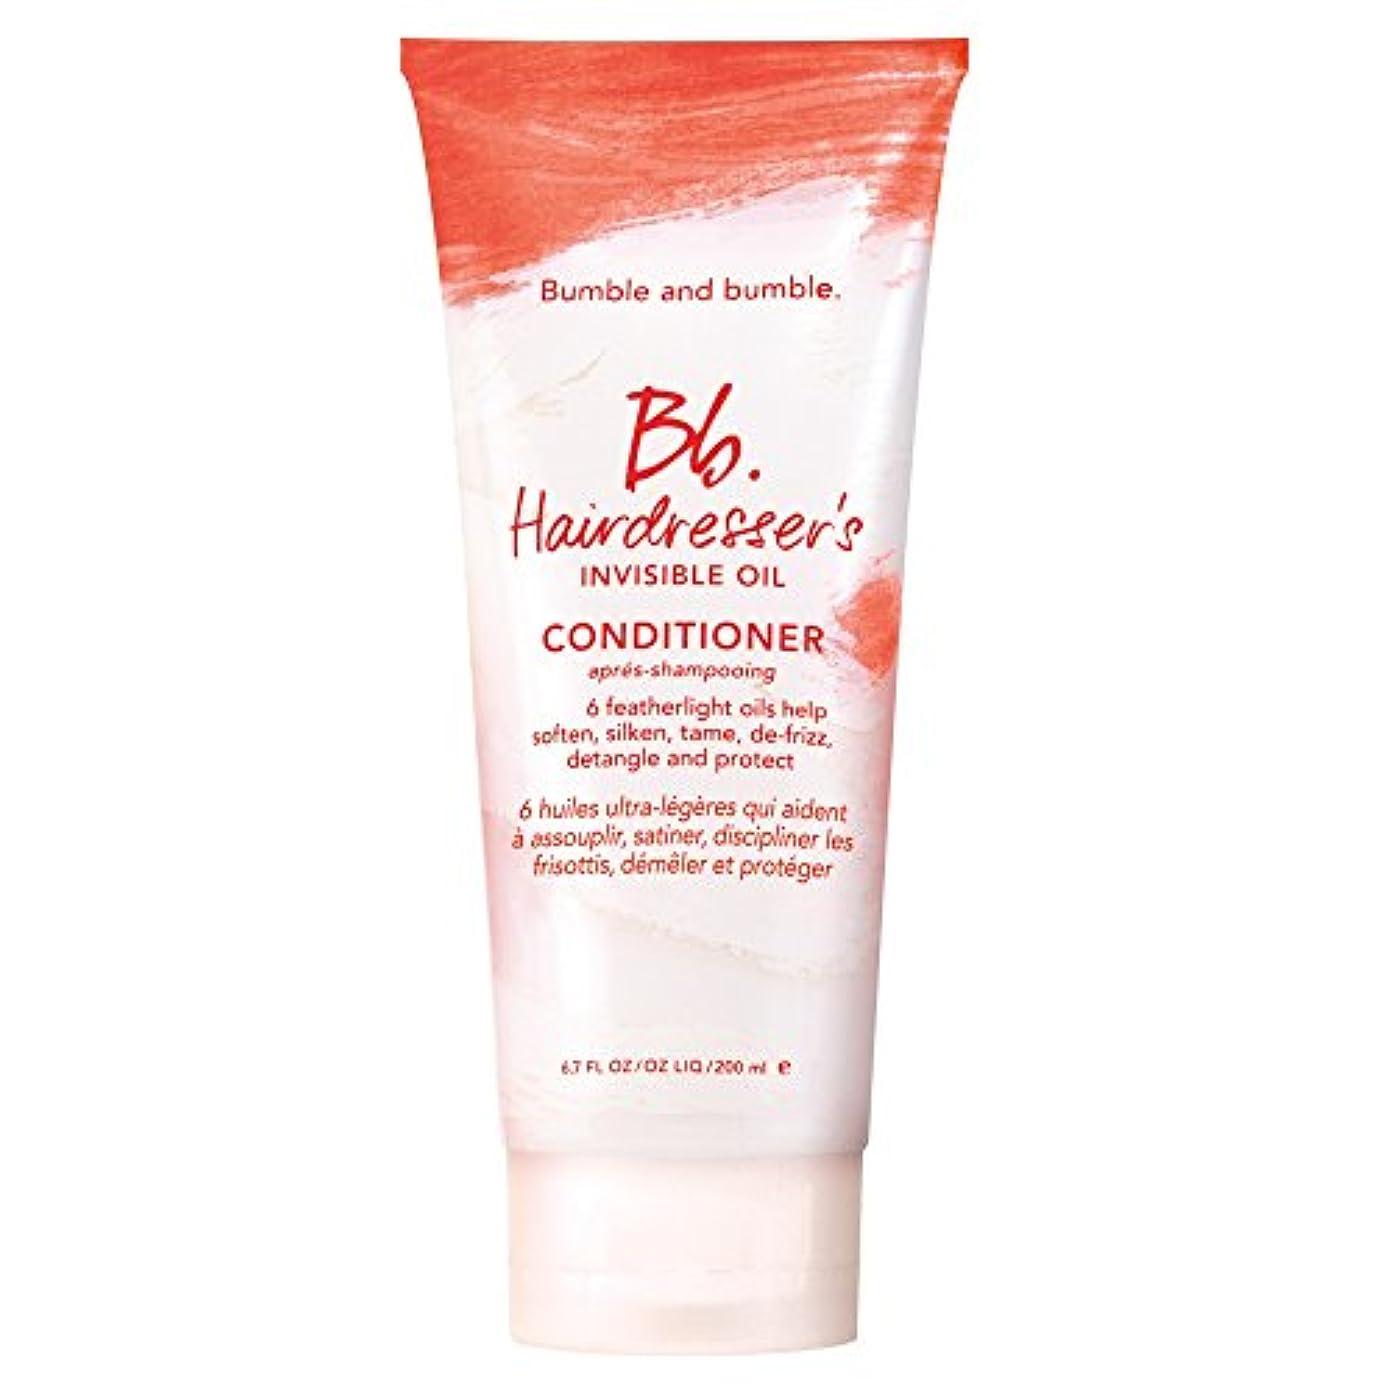 ブラウン成功する反対するバンブルアンドバンブル美容見えないオイルコンディショナー200ミリリットル (Bumble and bumble) (x6) - Bumble and bumble Hairdressers invisible oil...